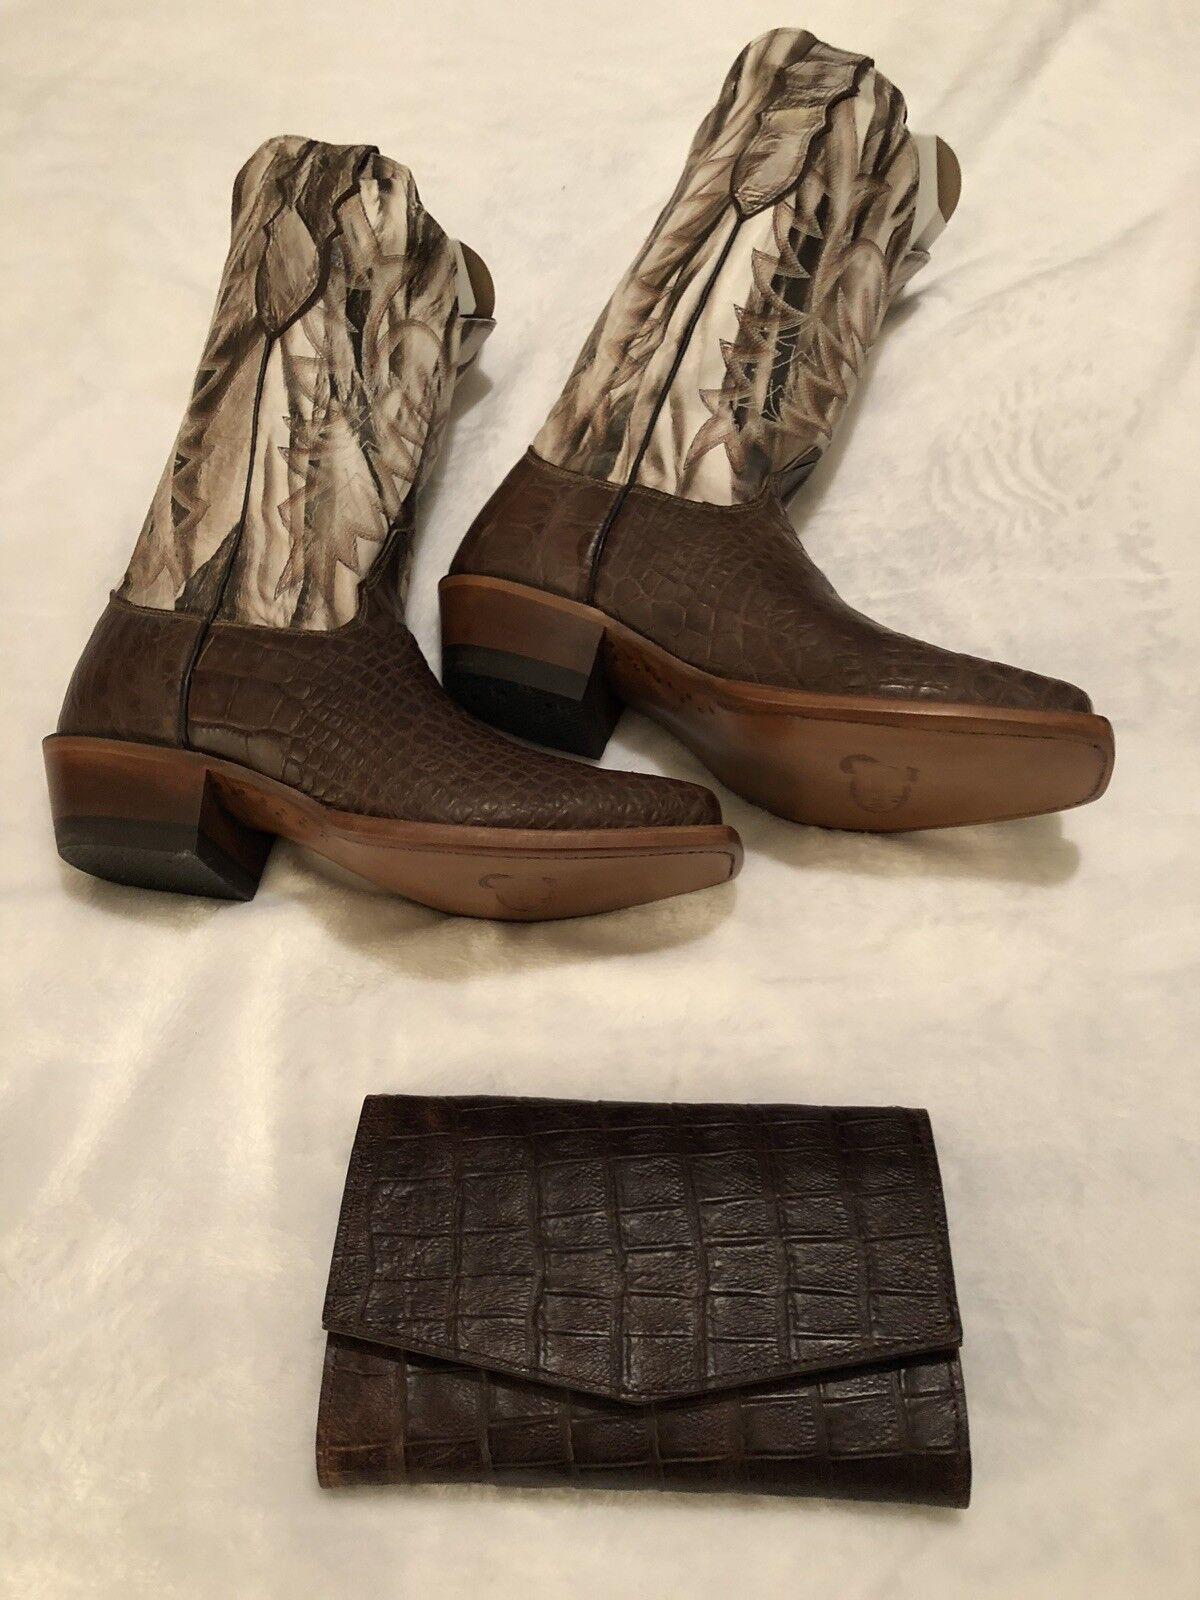 Nuevo para mujer botas de cocodrilo hecho hecho hecho a mano de chocolate cerosadodo con bolso a juego  últimos estilos